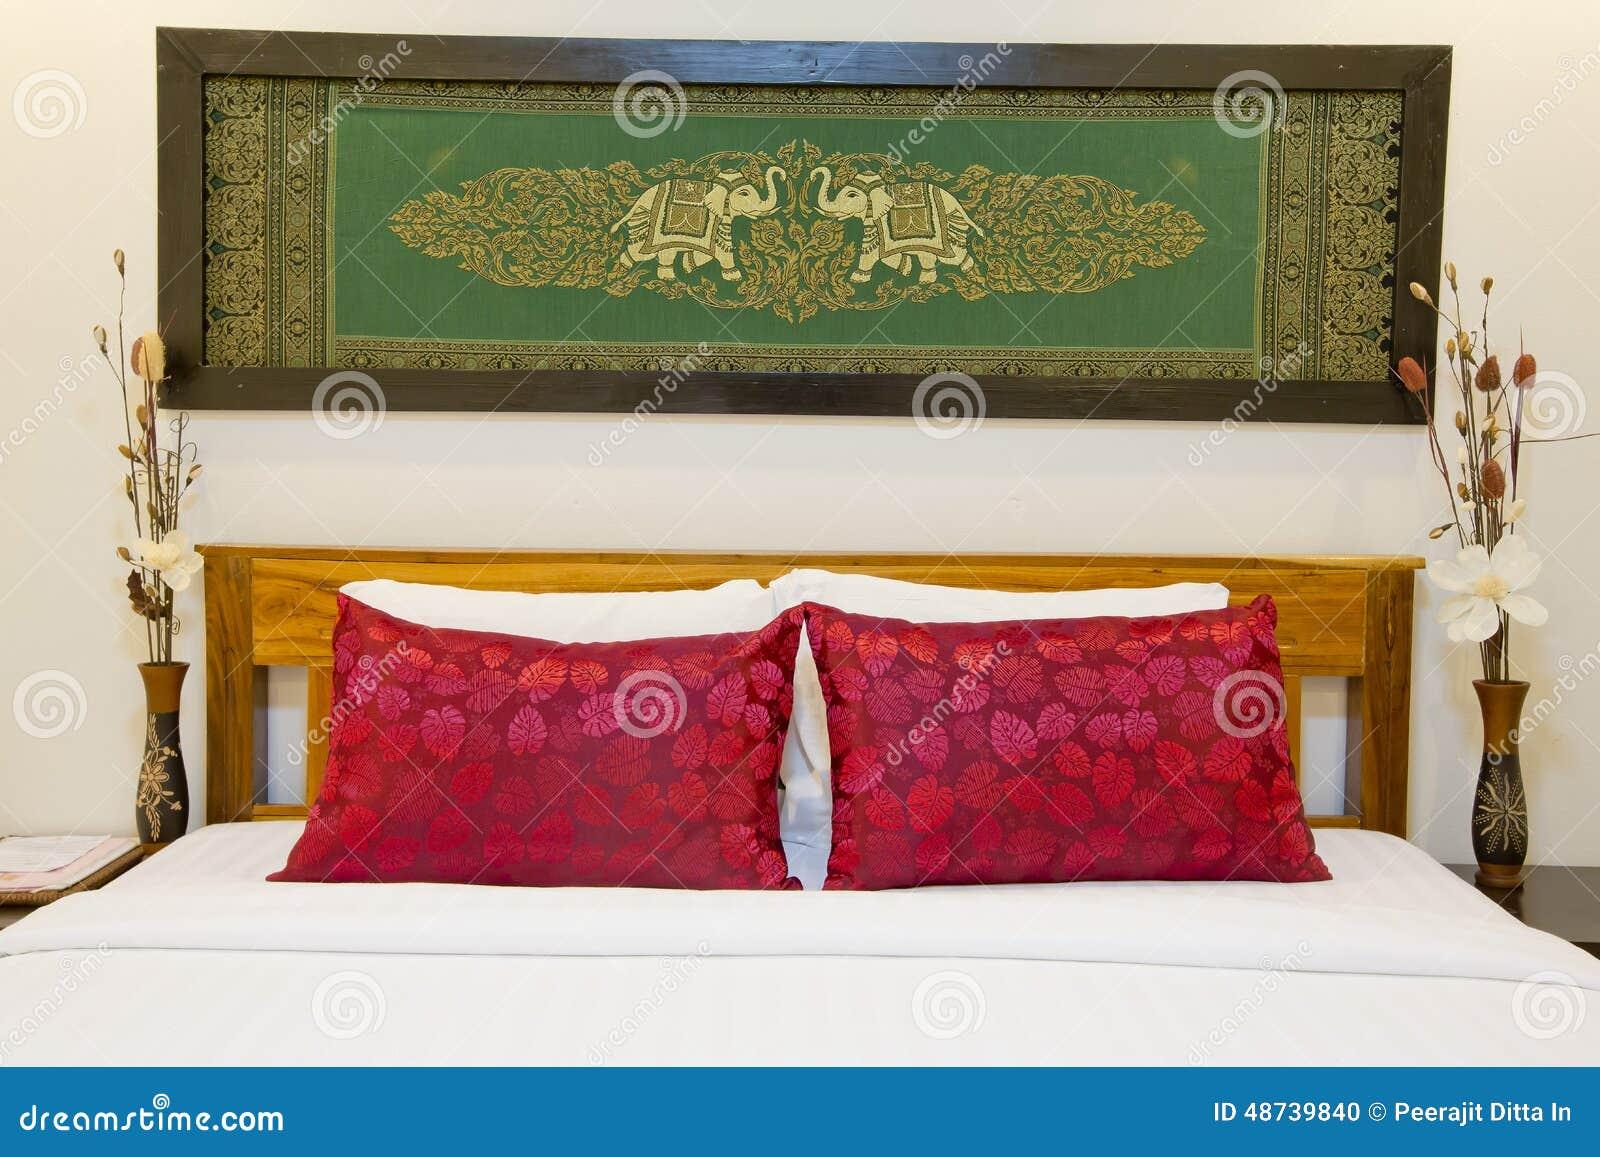 lit de style asiatique moderne avec l 39 cran en soie int ressant avec le cadre dans le bedro. Black Bedroom Furniture Sets. Home Design Ideas